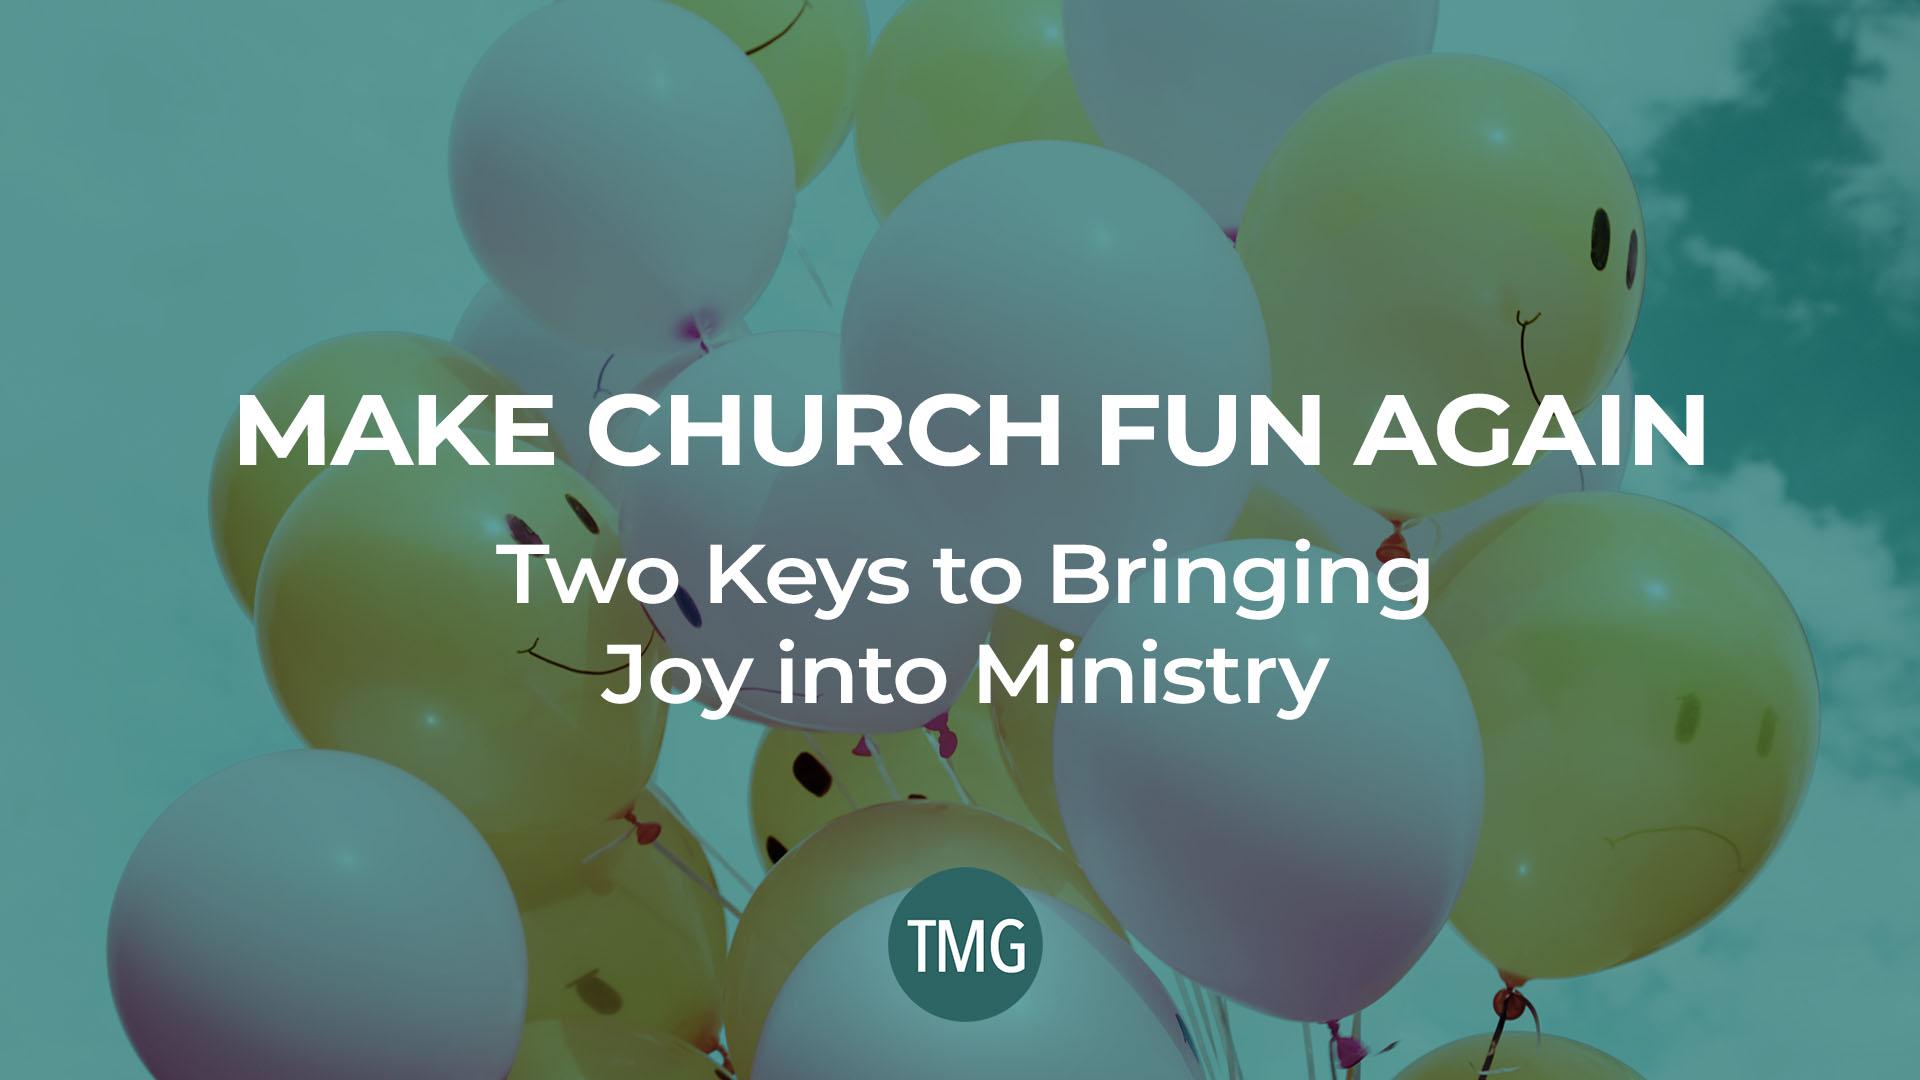 make-church-fun-again-podcast-header-image